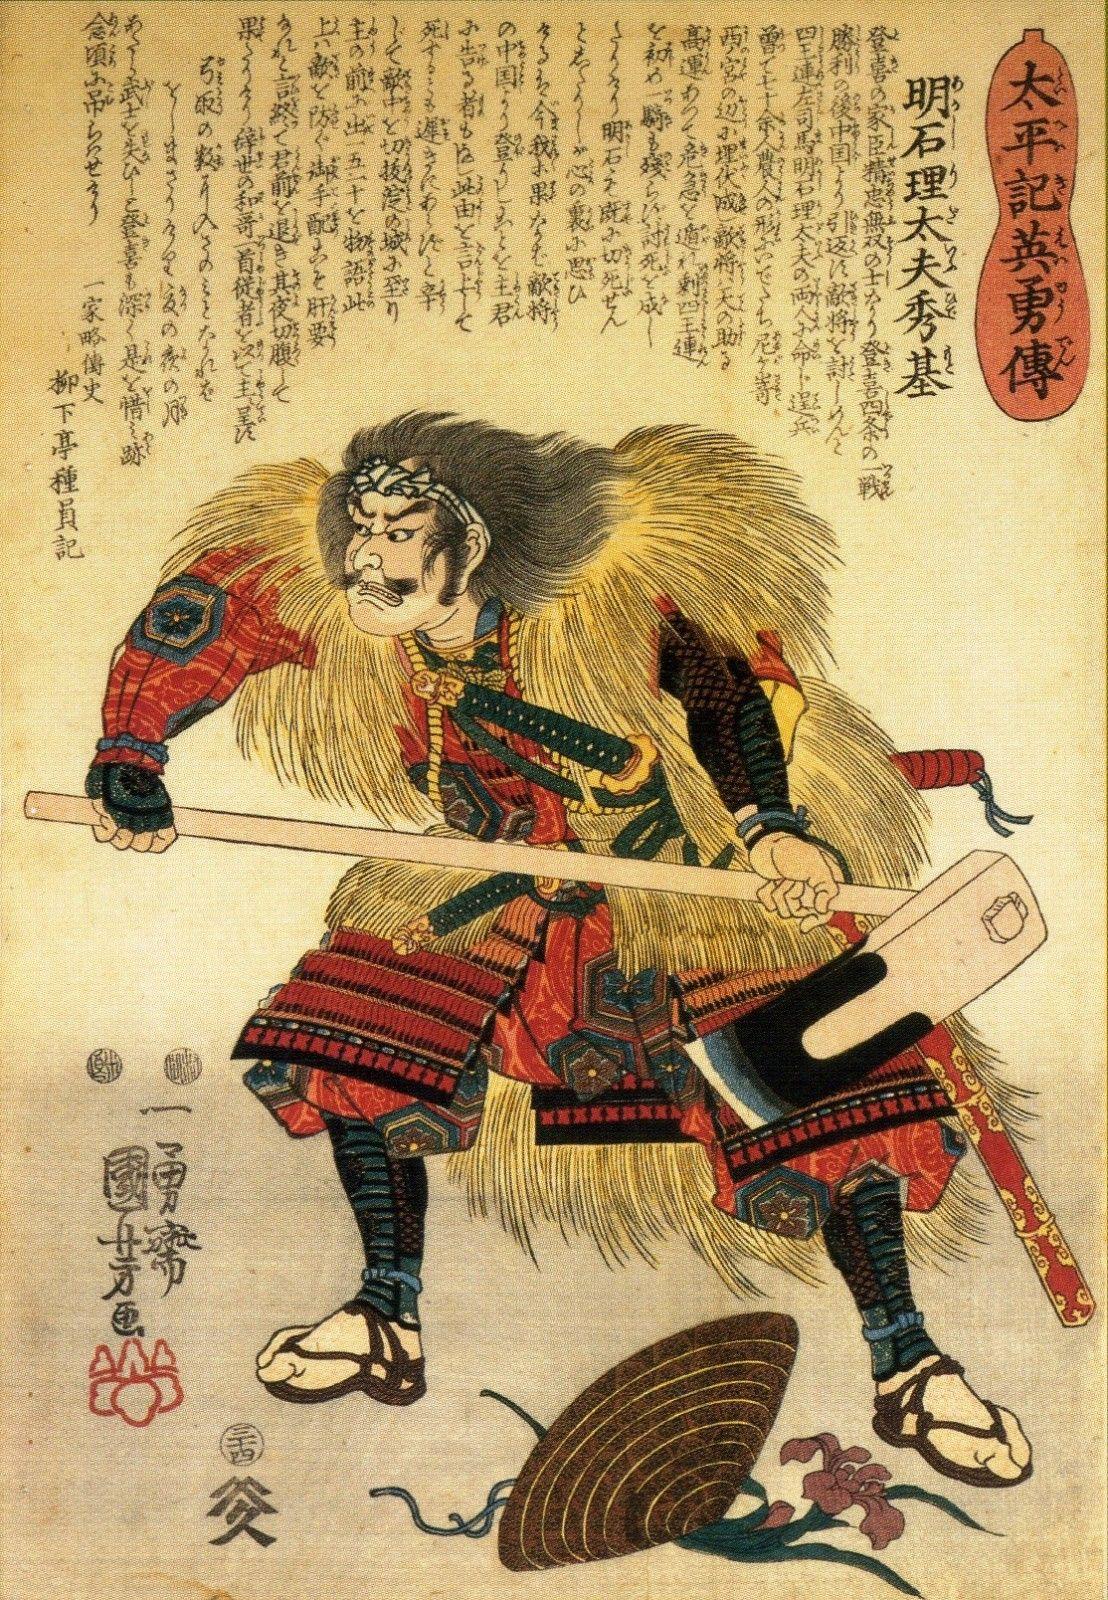 Samurai Painting Samurai In 2018 Pinterest Japon Arte And